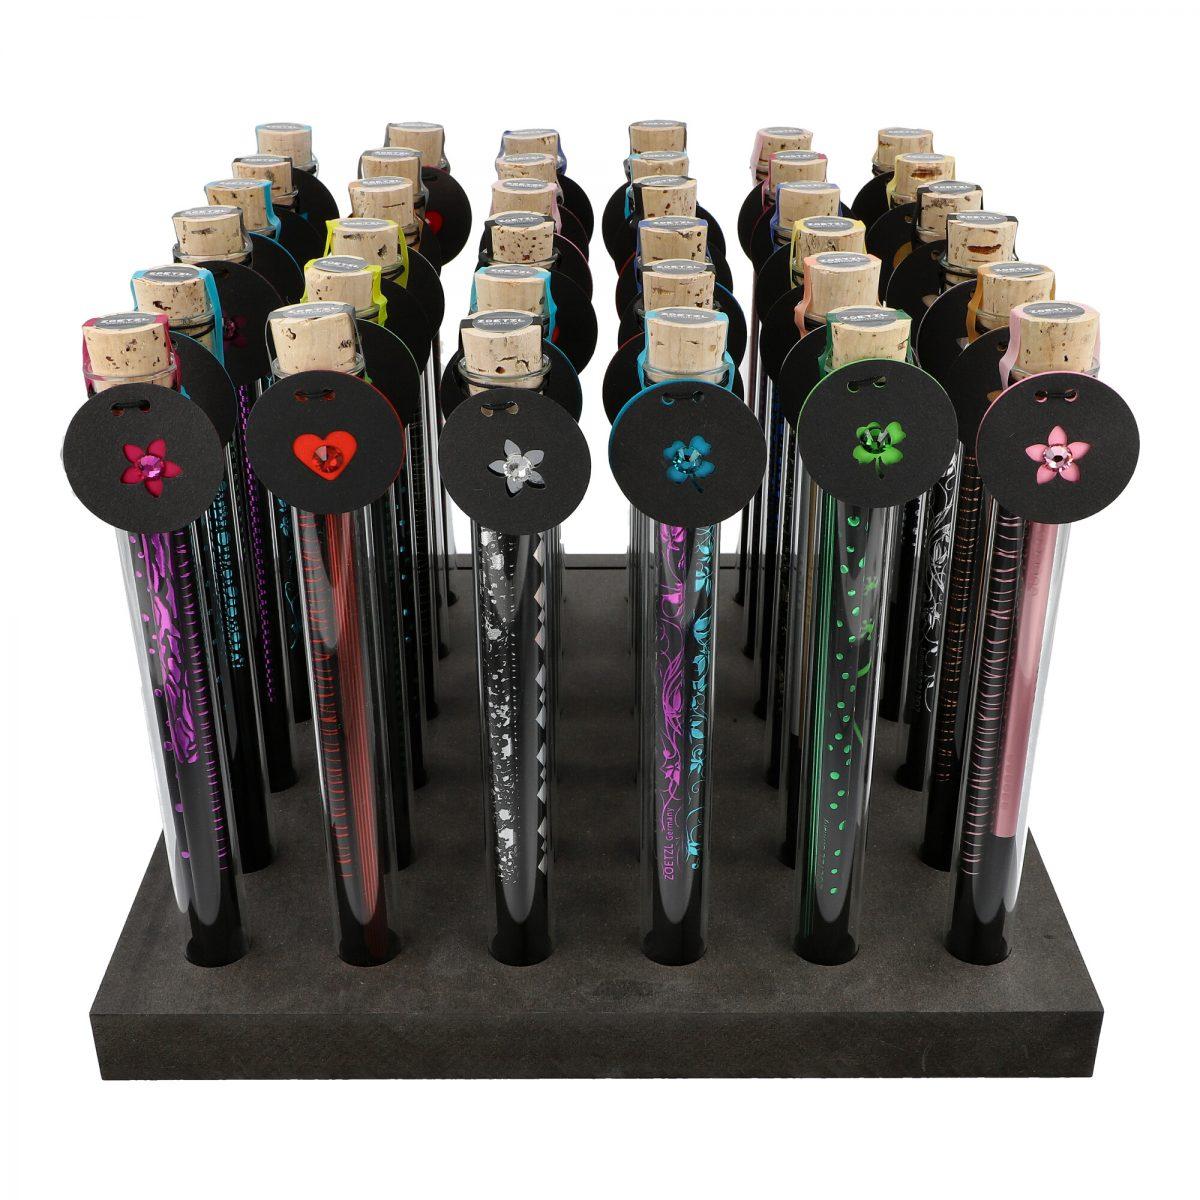 TD004  - Pencils Black & Decor